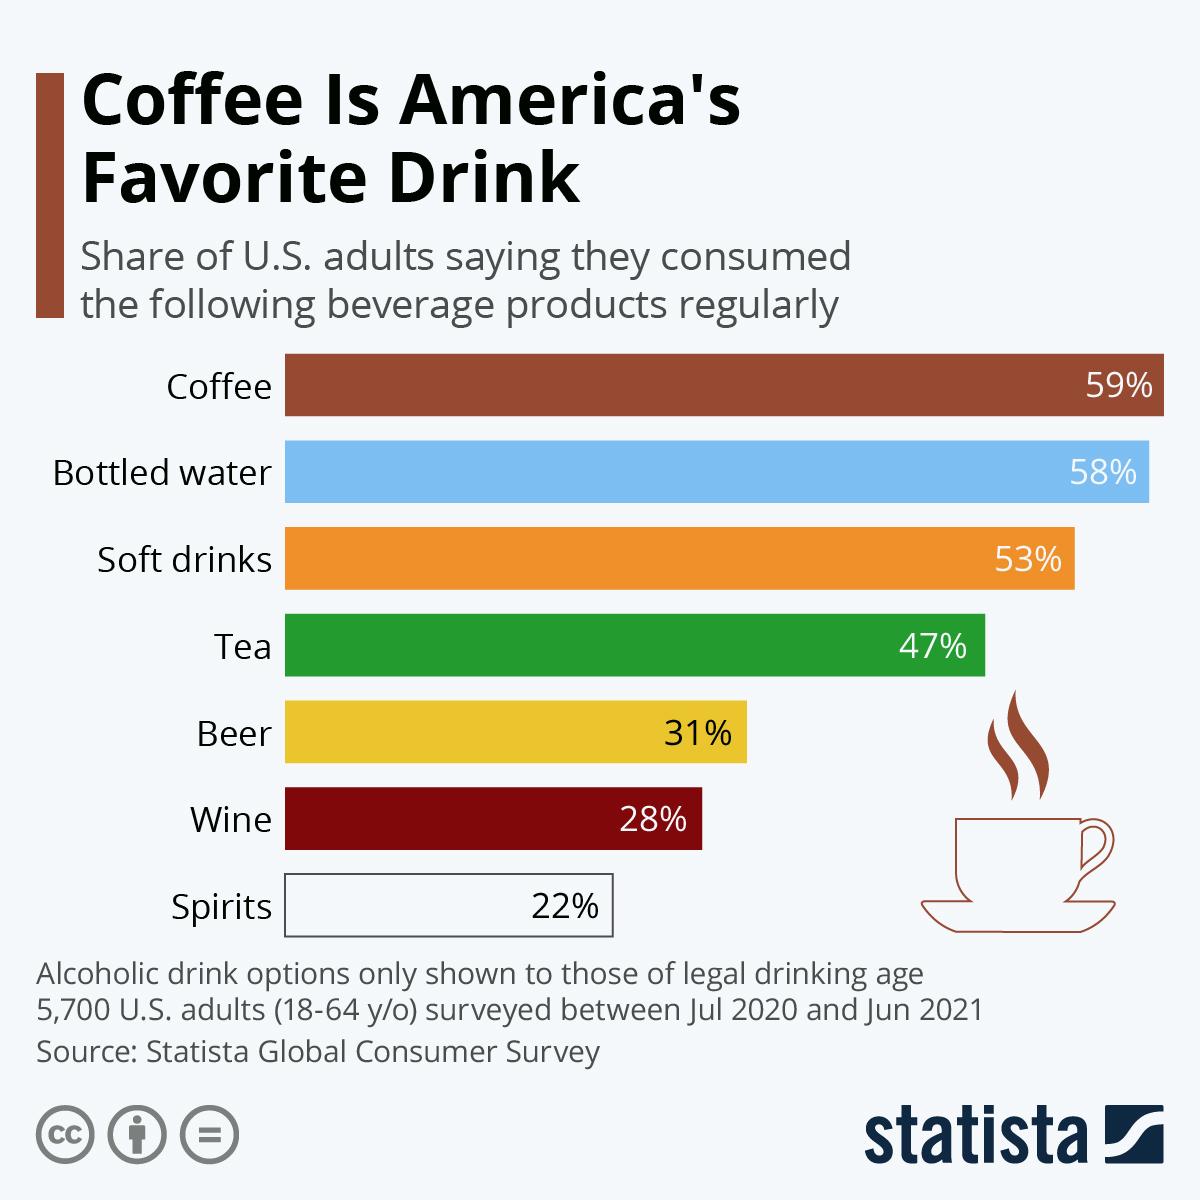 Coffee Is America's Favorite Drink